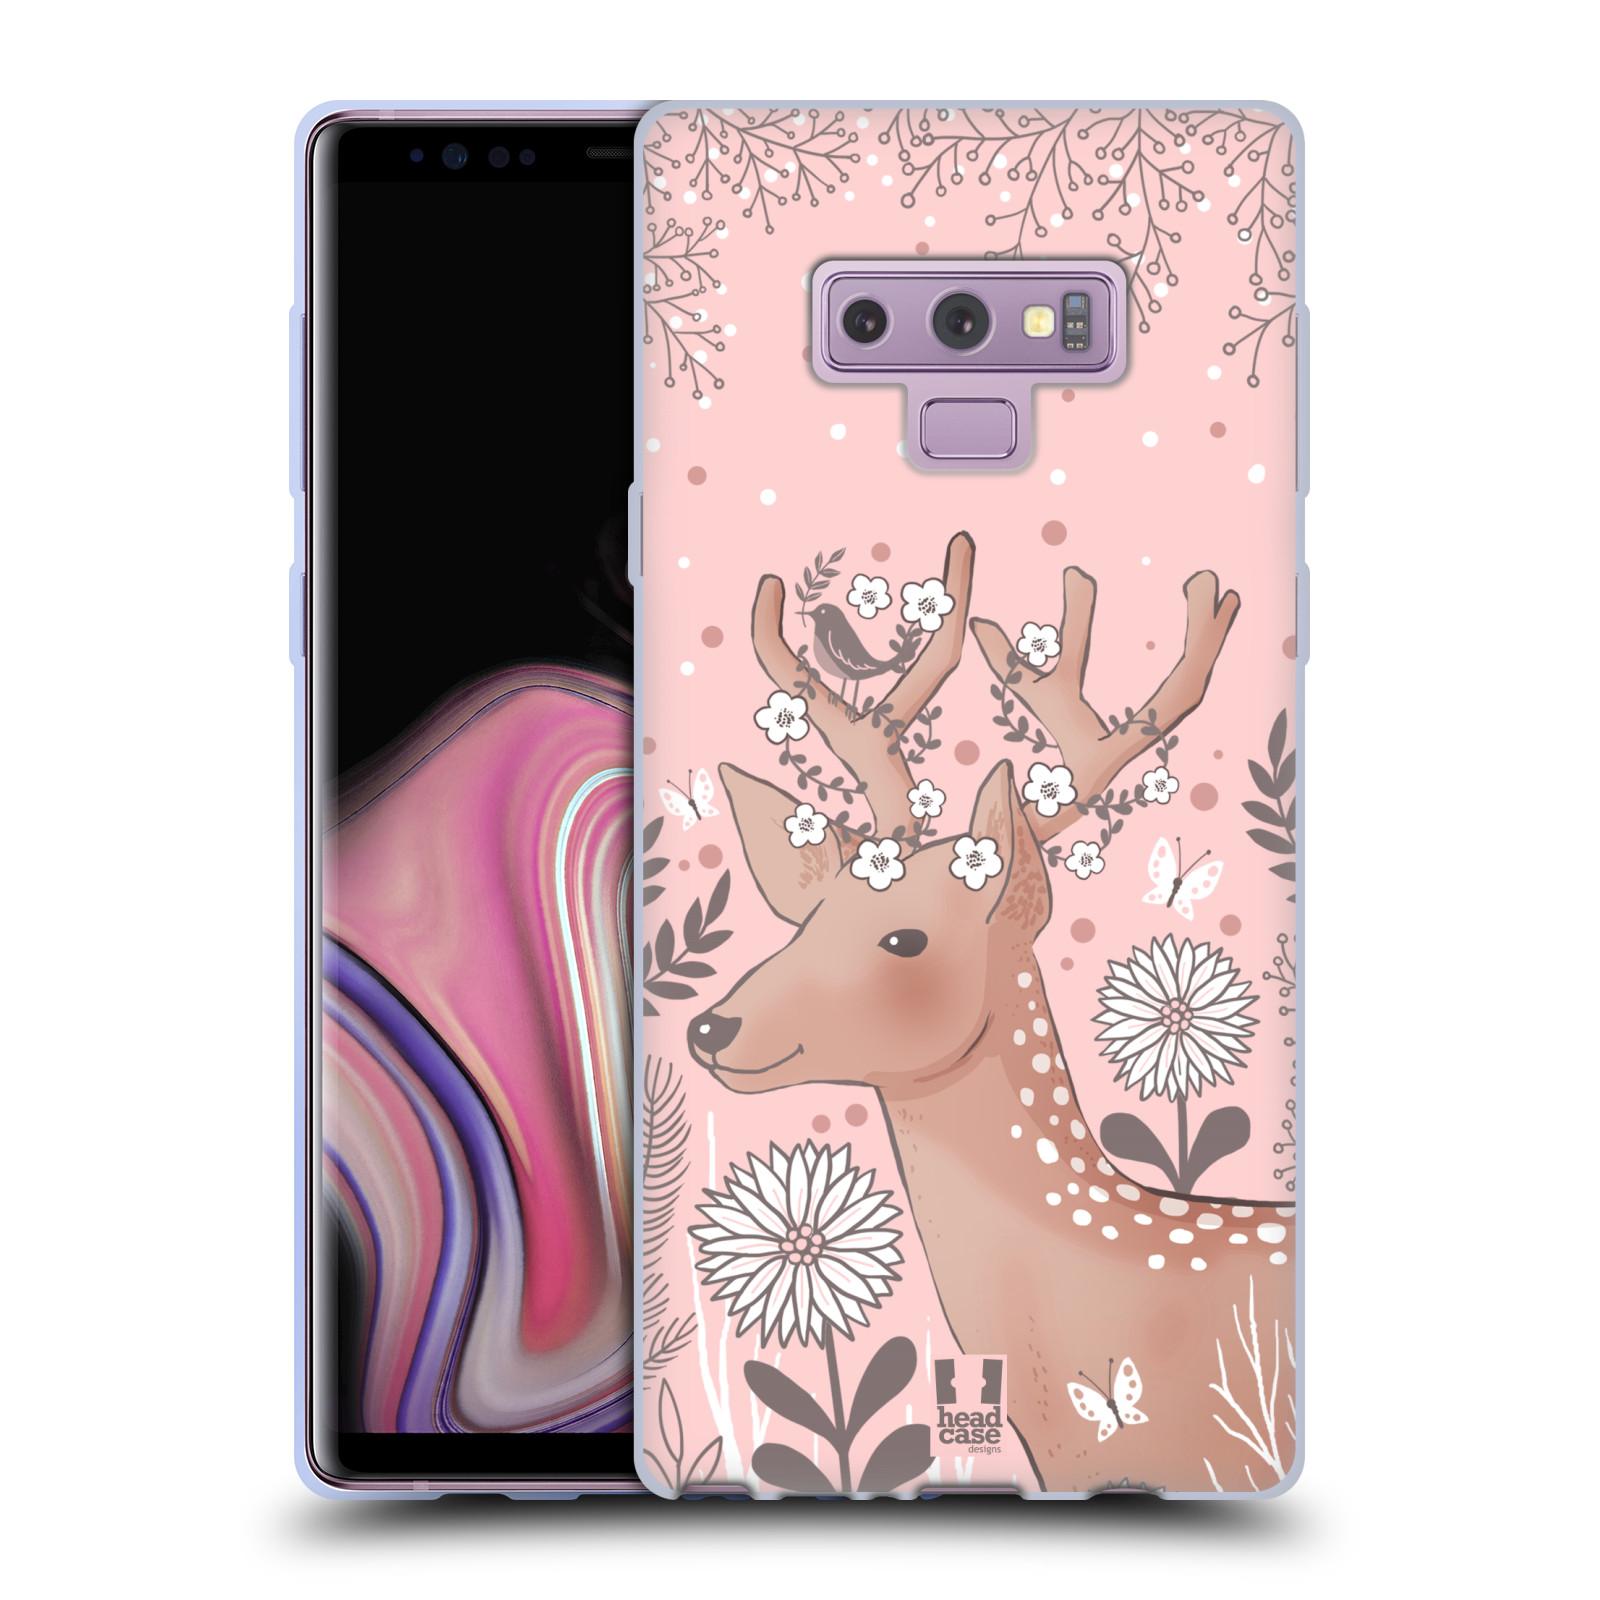 Silikonové pouzdro na mobil Samsung Galaxy Note 9 - Head Case - Jelíneček